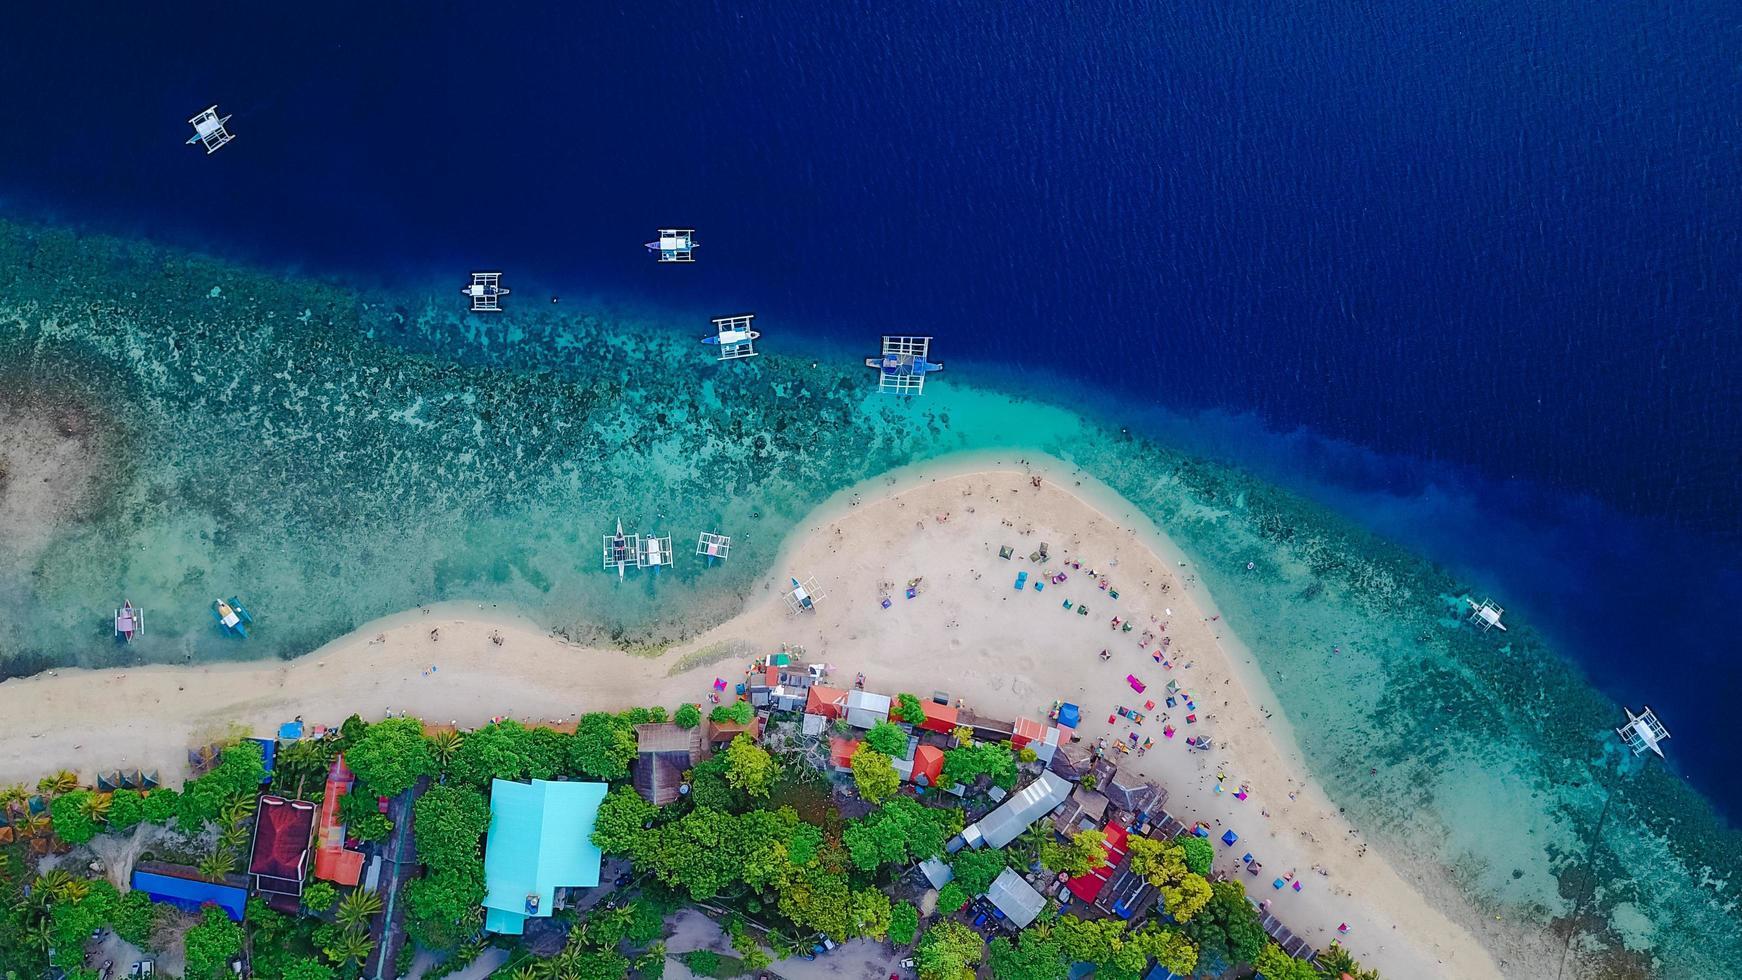 Vue aérienne de la plage de sable des Philippines avec les touristes photo